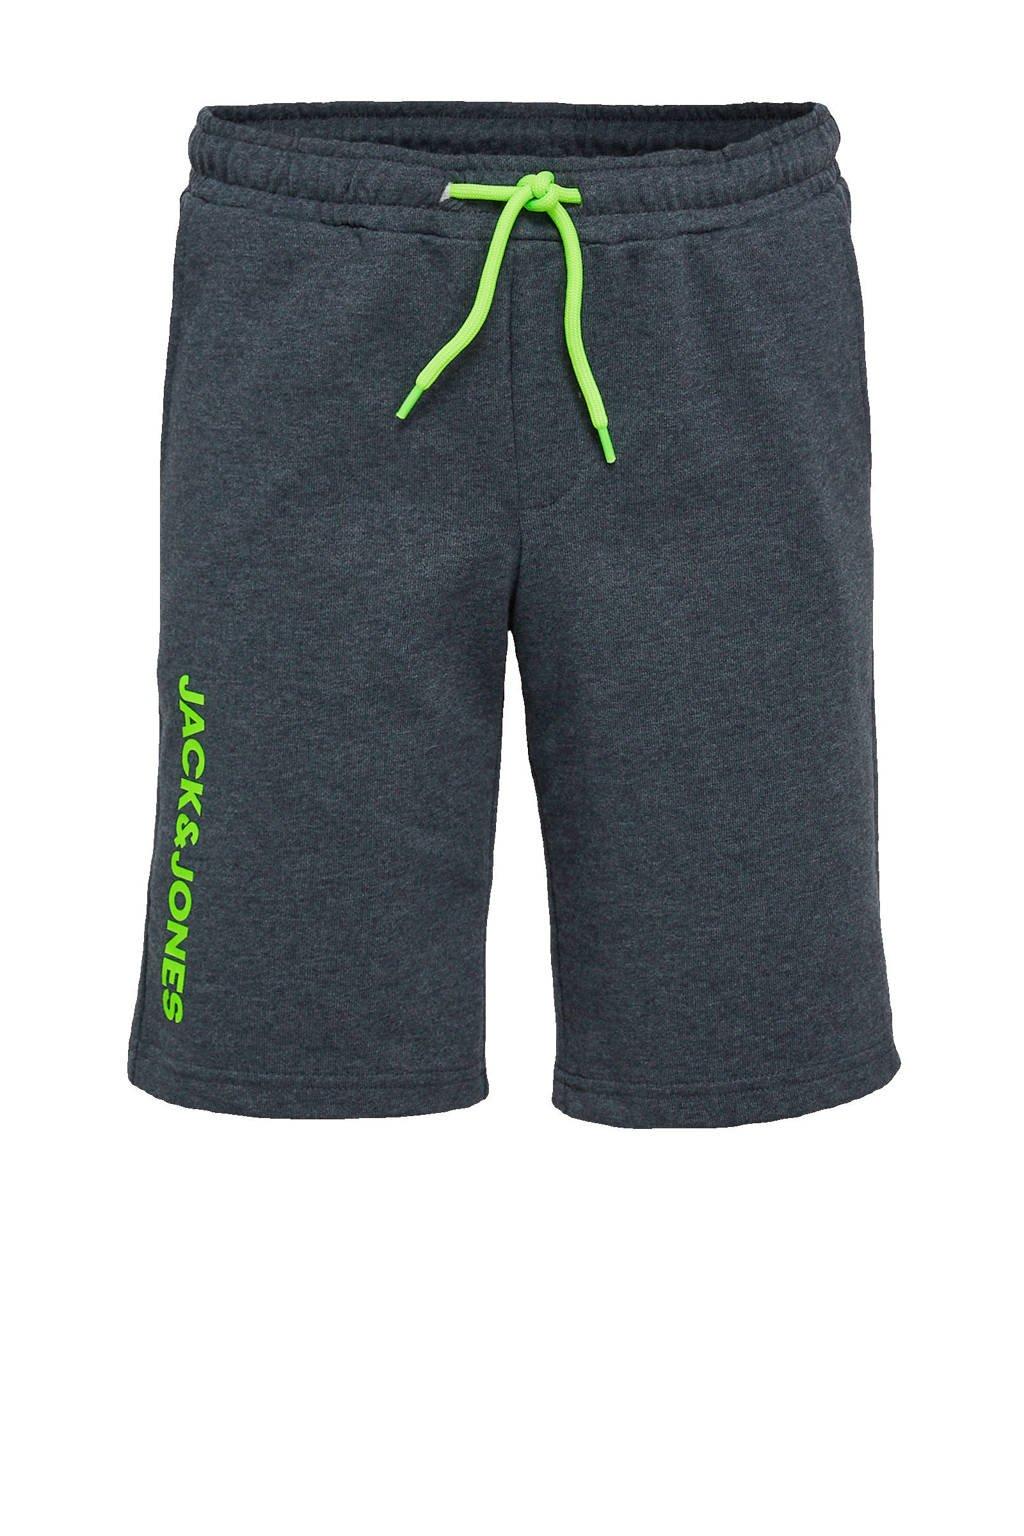 JACK & JONES JUNIOR sweatshort Dennis met logo donkerblauw/groen, Donkerblauw/groen